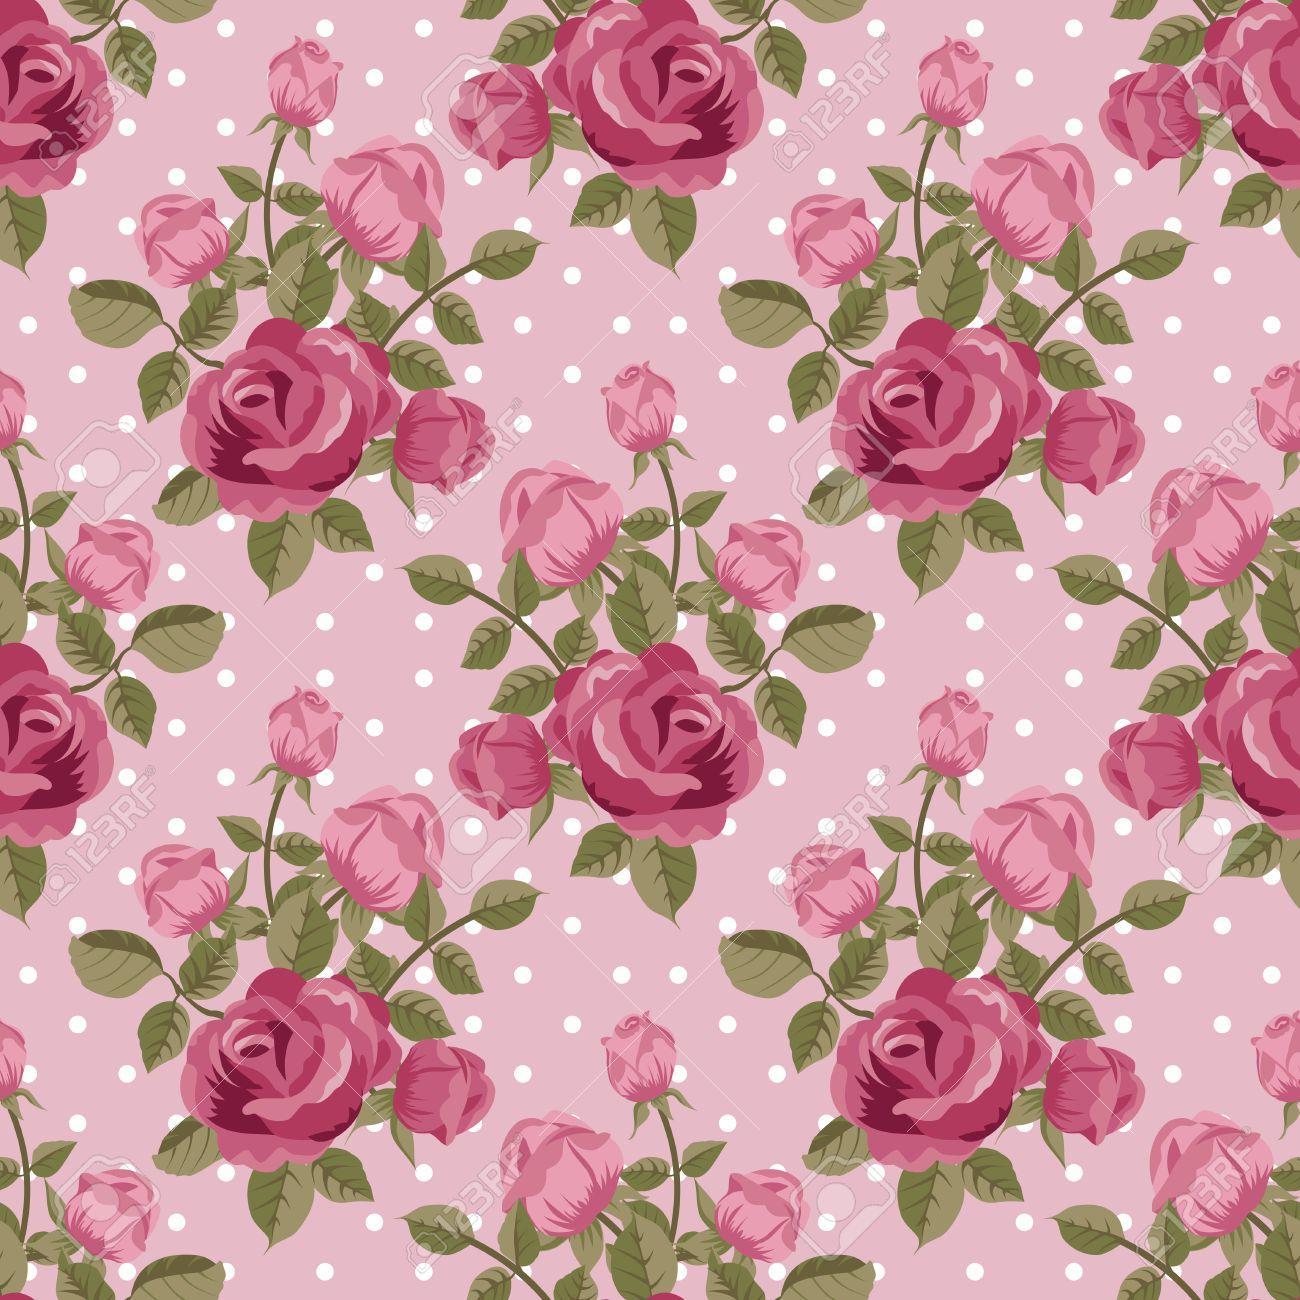 ピンクのバラの壁紙のシームレスなパターンのイラスト素材 ベクタ